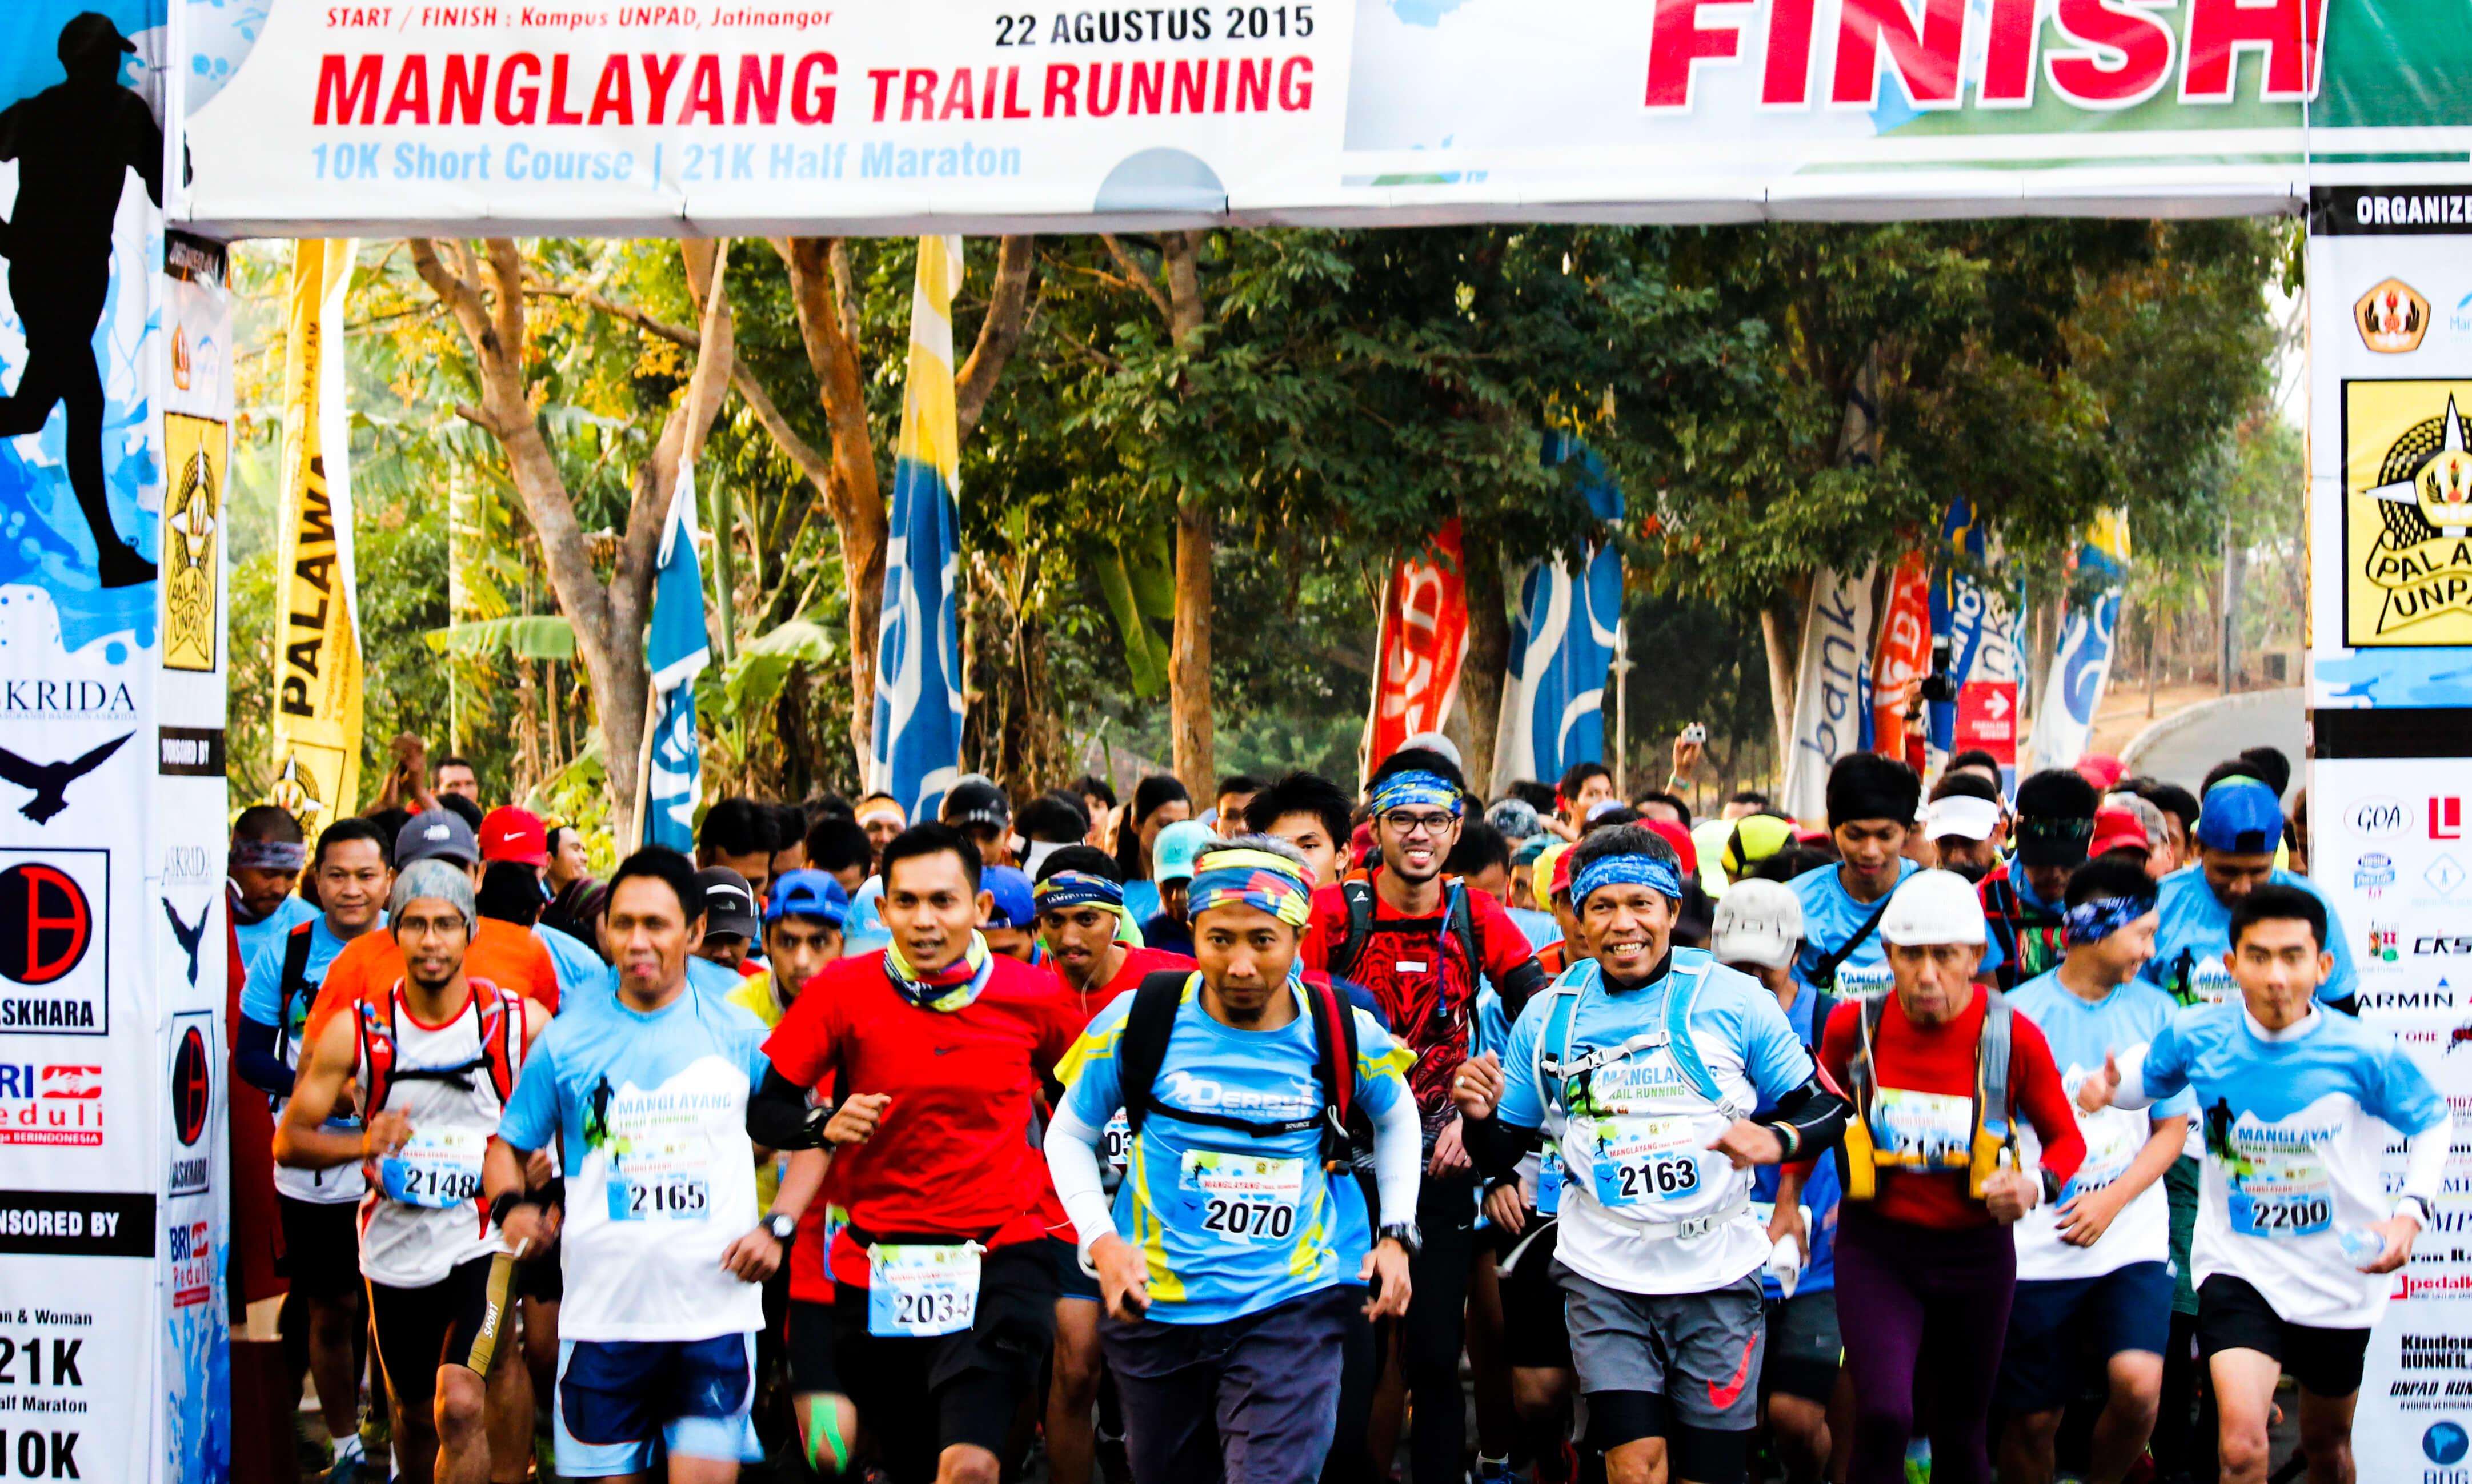 Manglayang Trail Running 2015